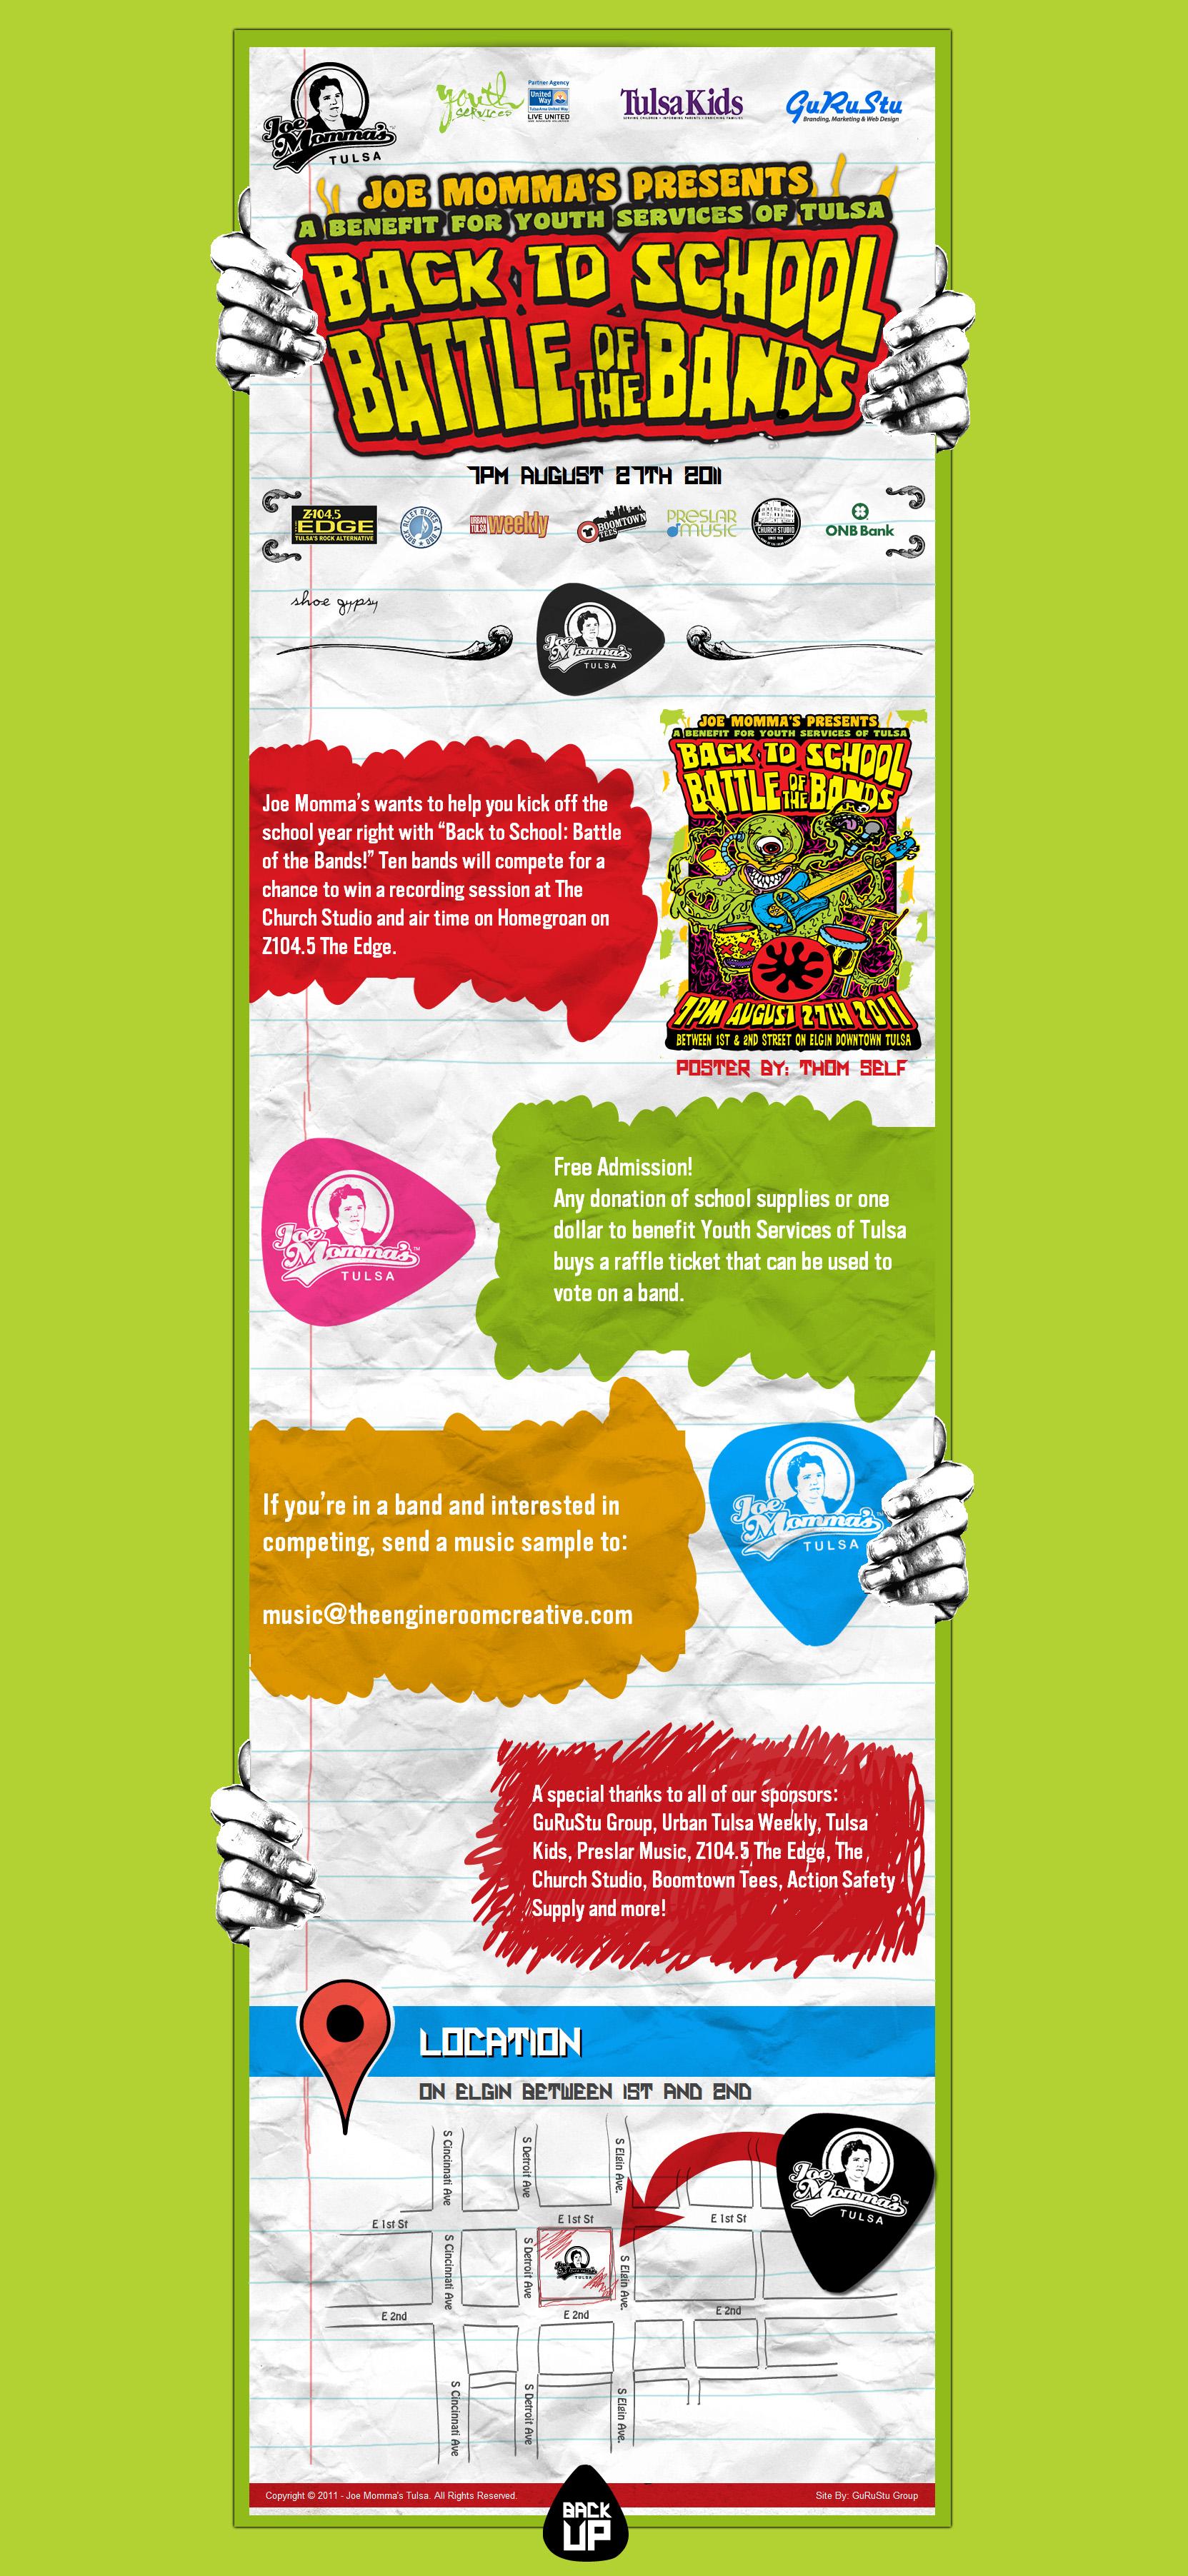 Joe Momma's Battle of the Bands Website Screenshot